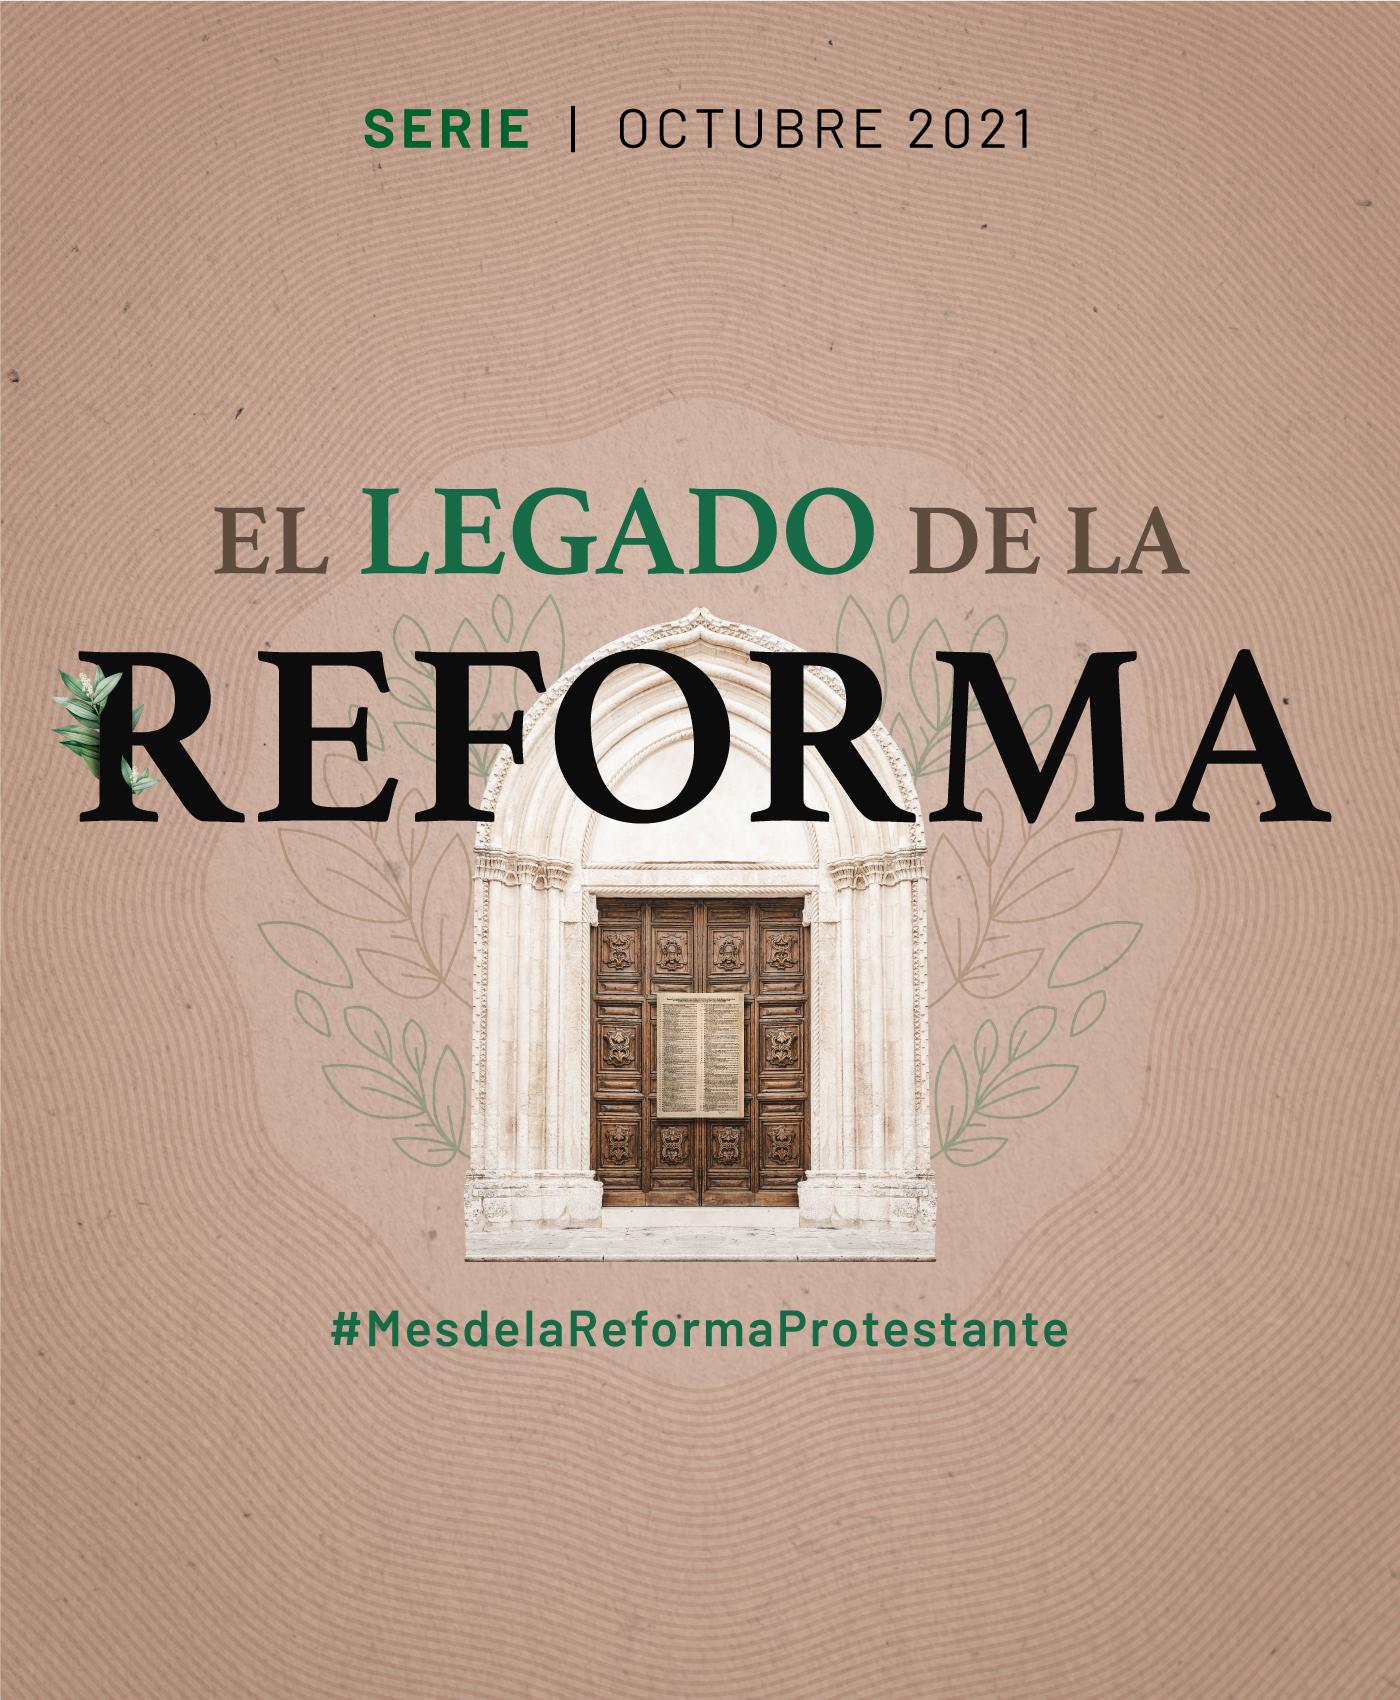 El legado cultural de la Reforma